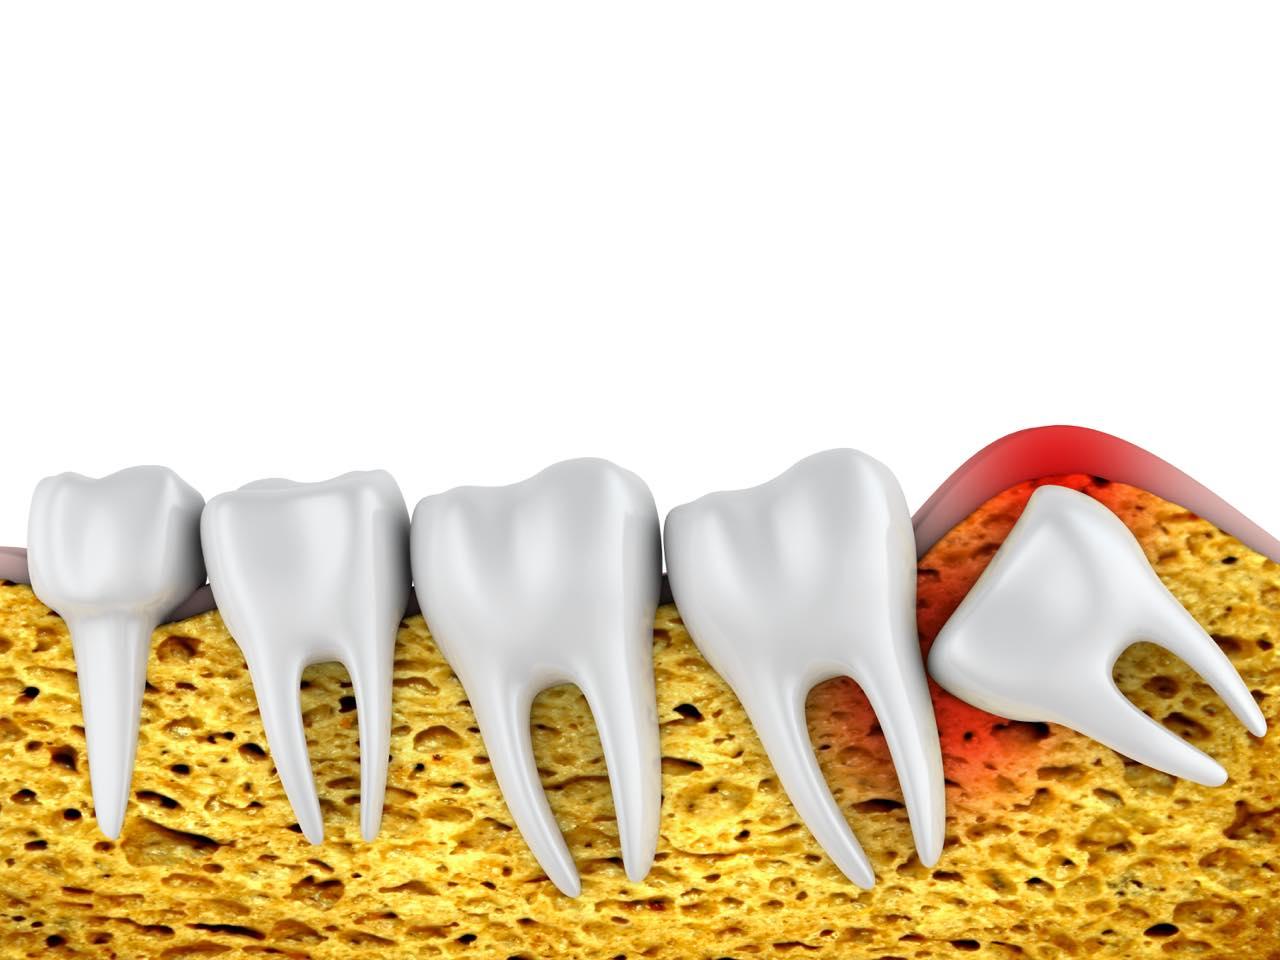 歯列矯正前・矯正中に親知らずの抜歯は必要?歯並びへの影響も解説